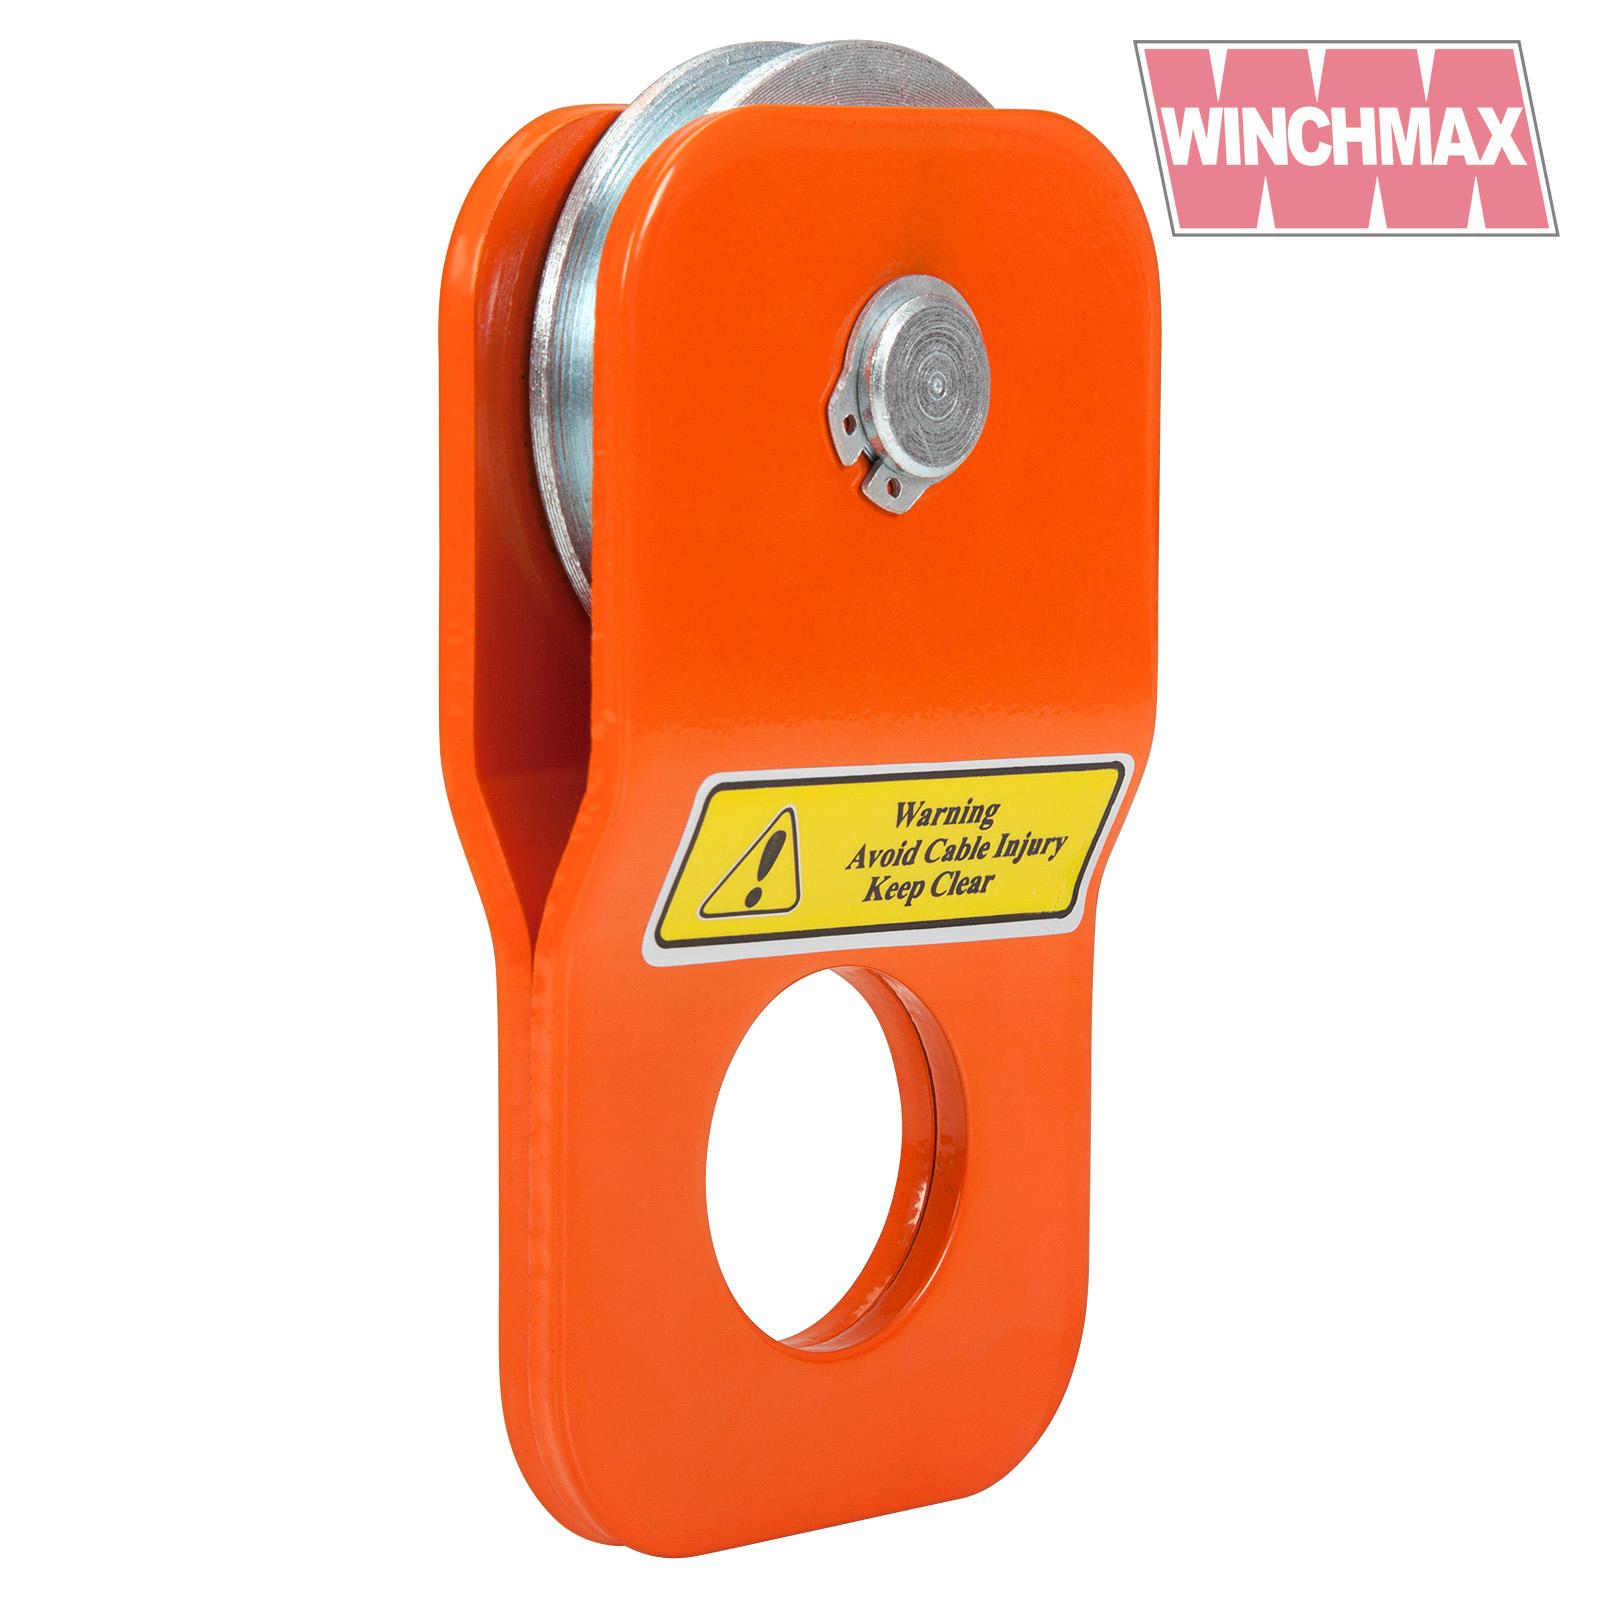 Wmsb4 winchmax 396